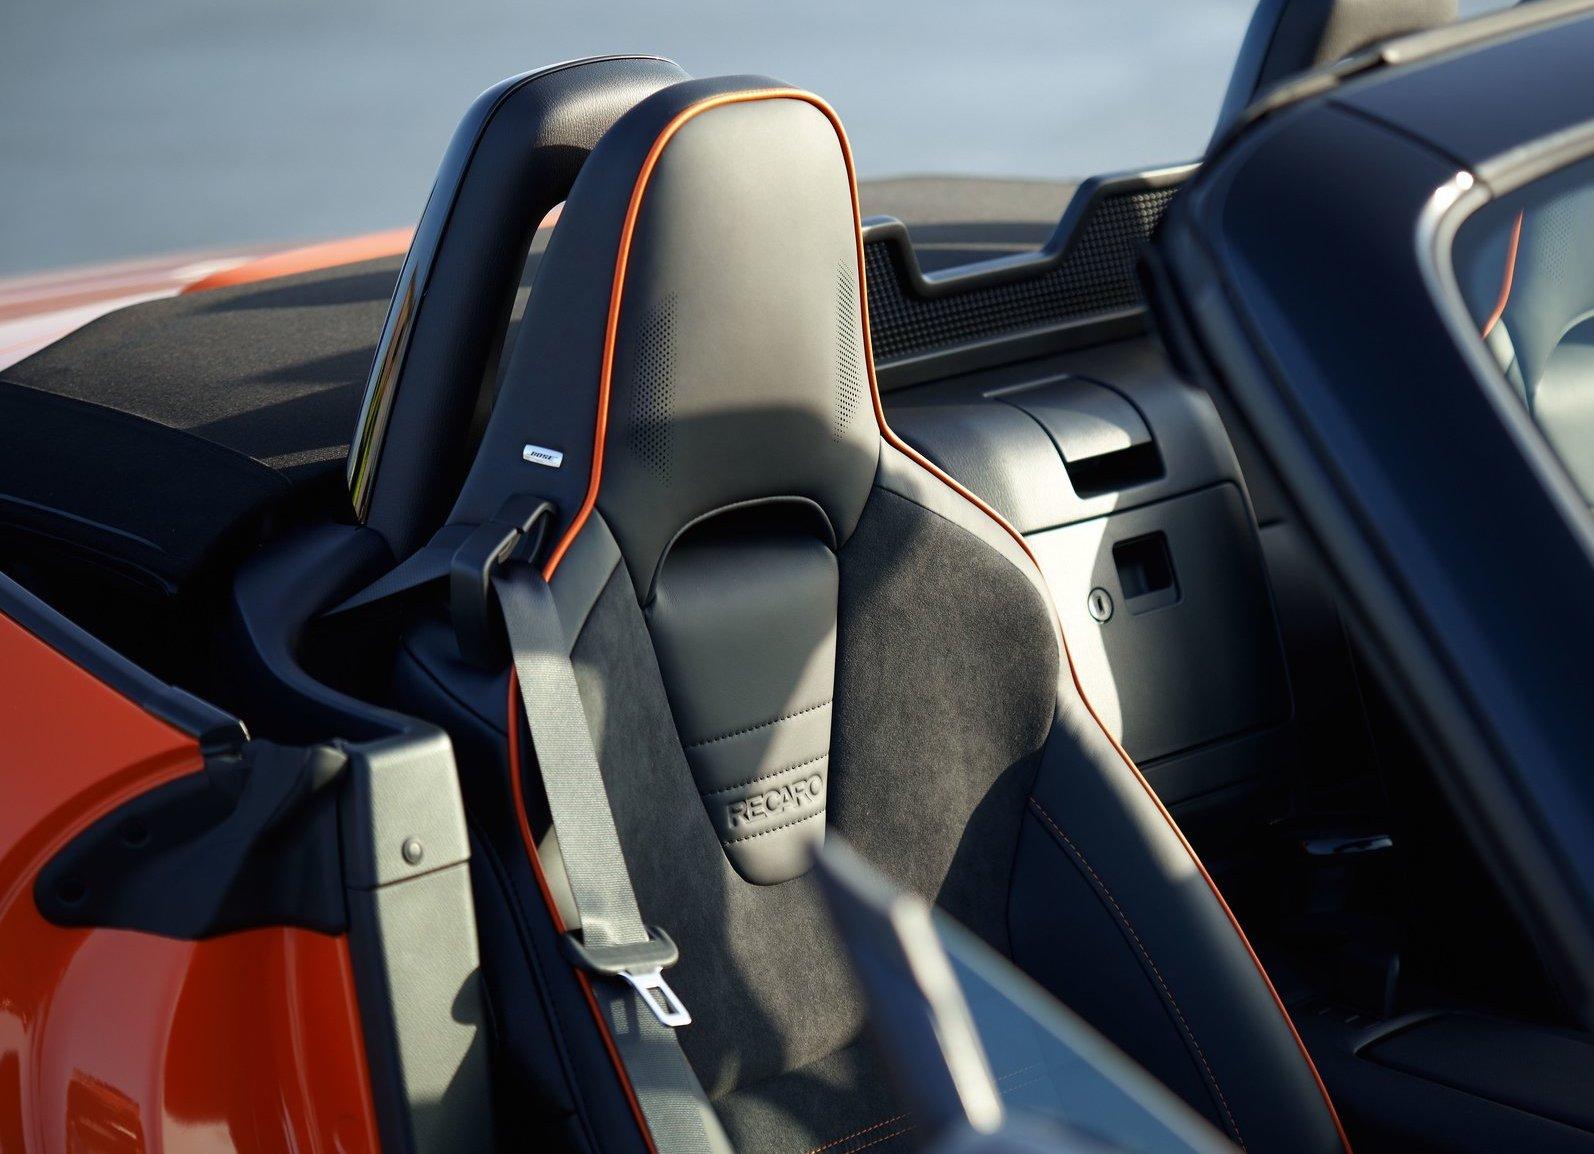 2019 Mazda MX-5 Miata 30th Anniversary Edition seat